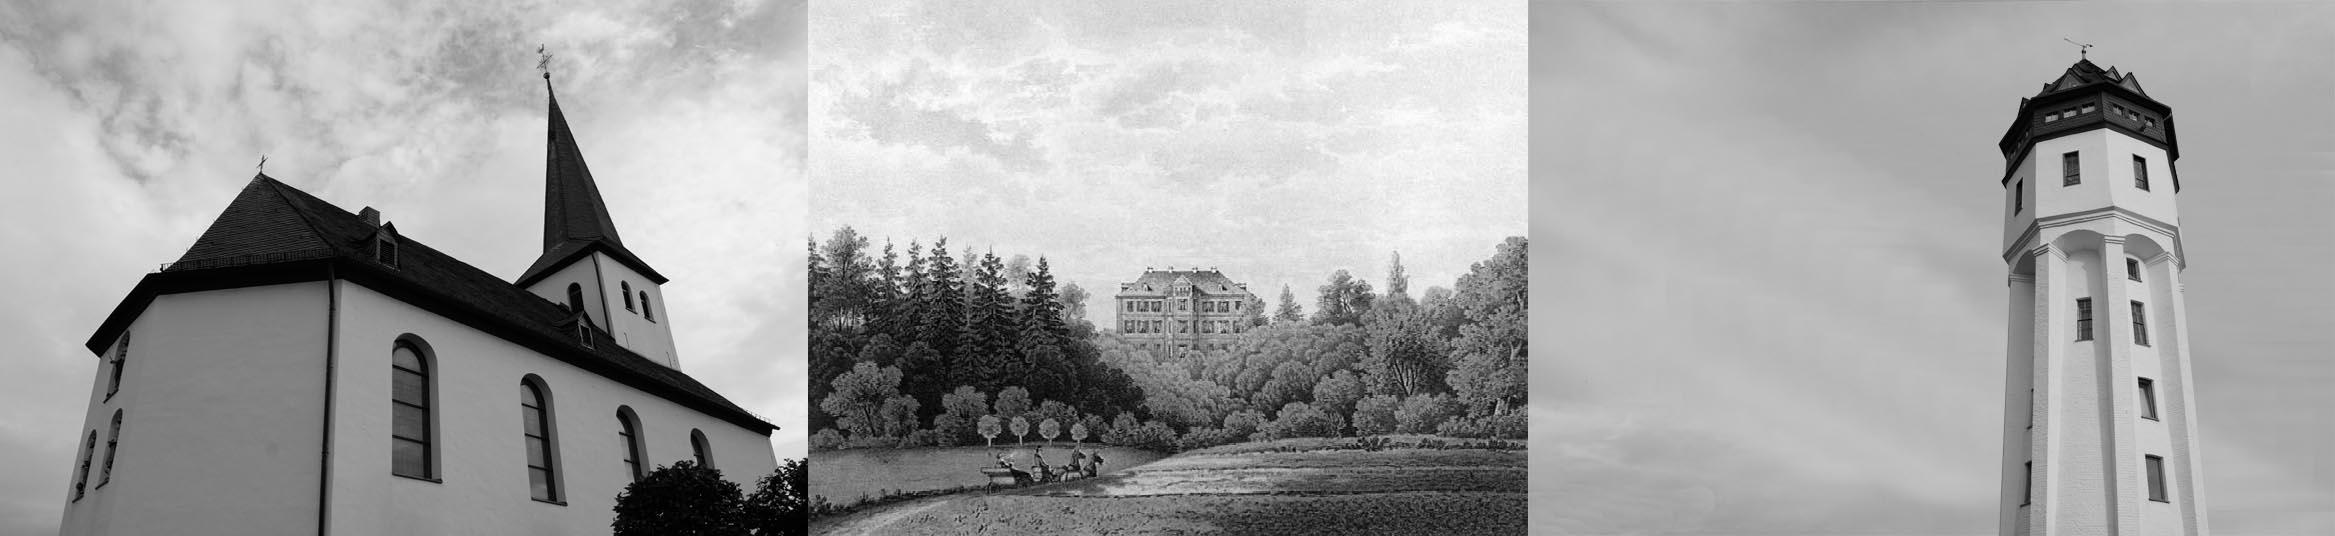 Roesberg